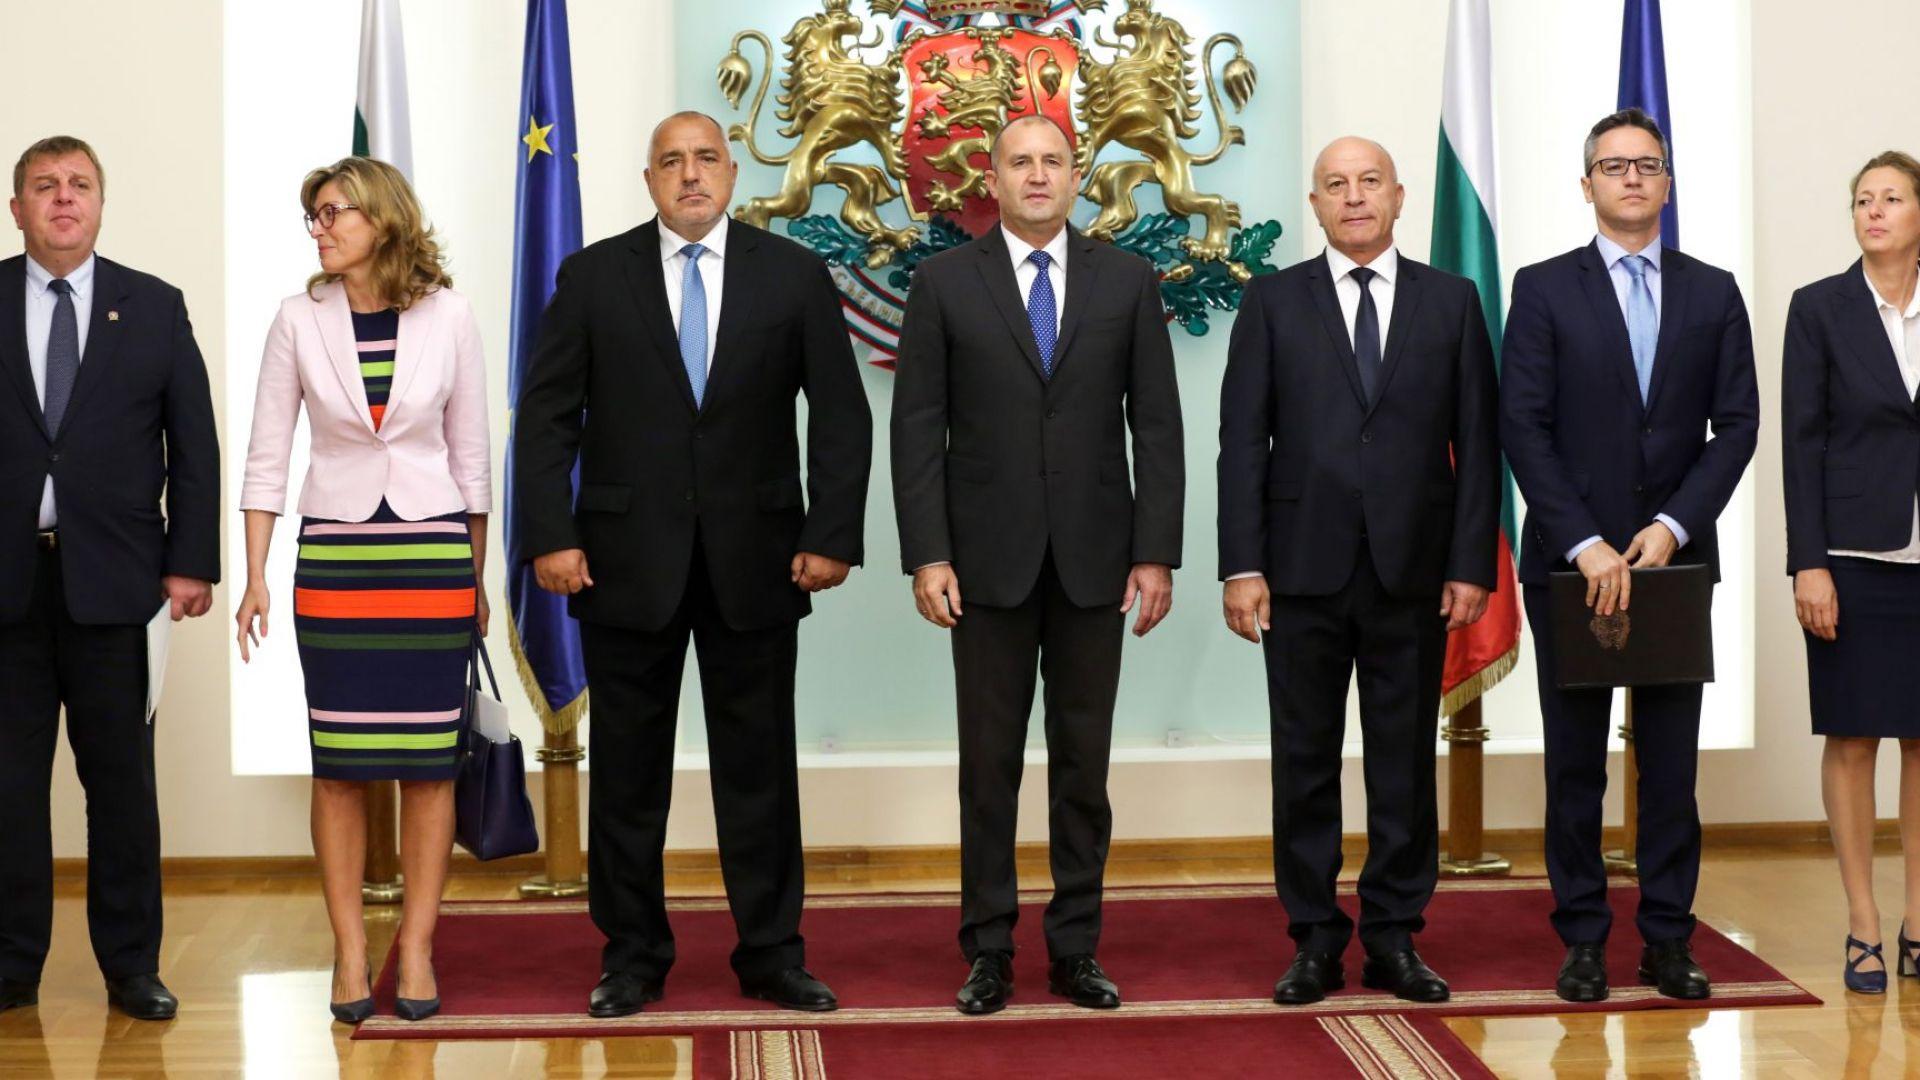 Започна консултативната среща при президента за двустранните отношения с Република